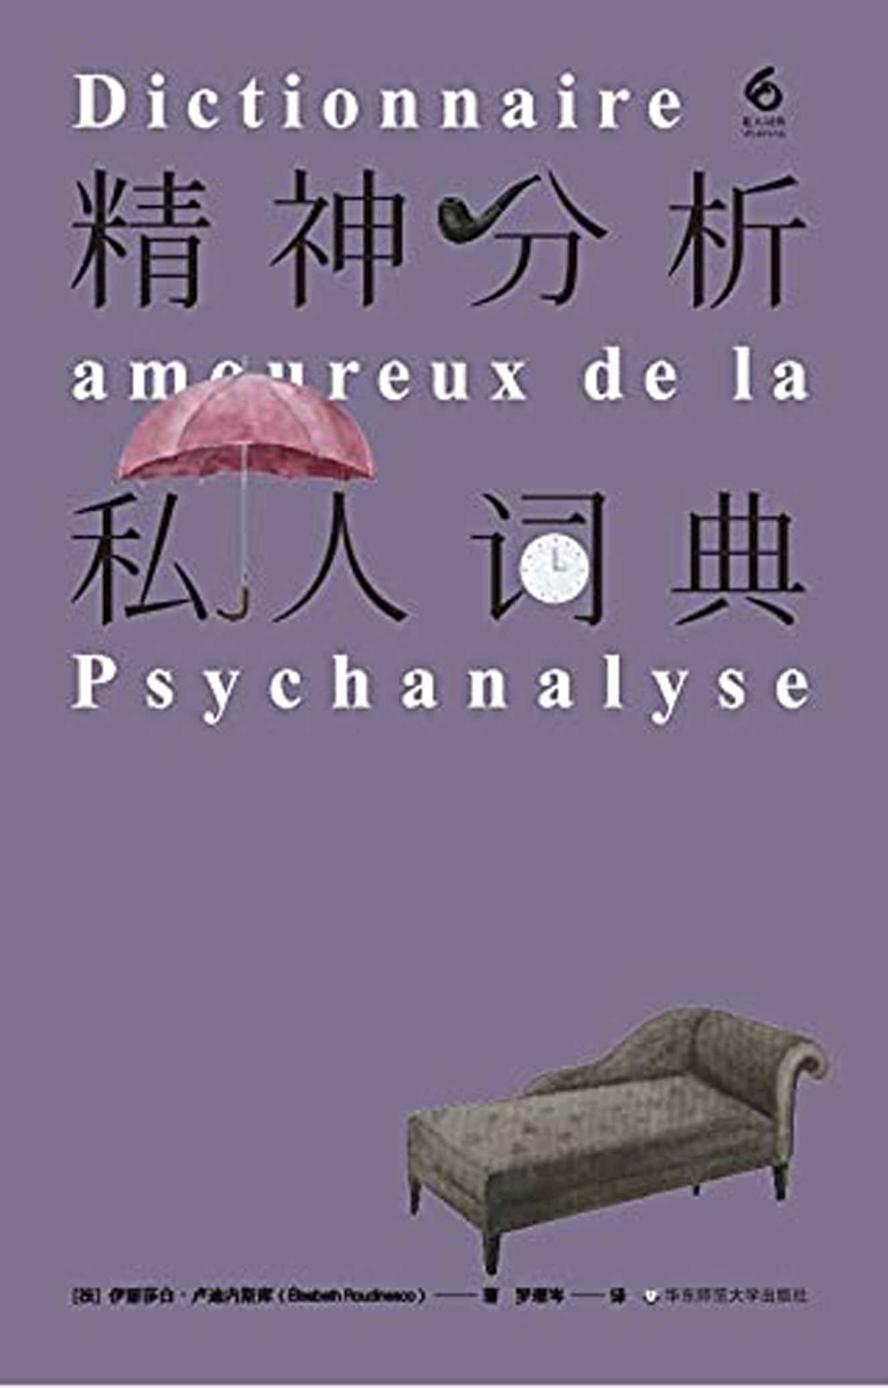 精神分析私人词典pdf-epub-mobi-txt-azw3